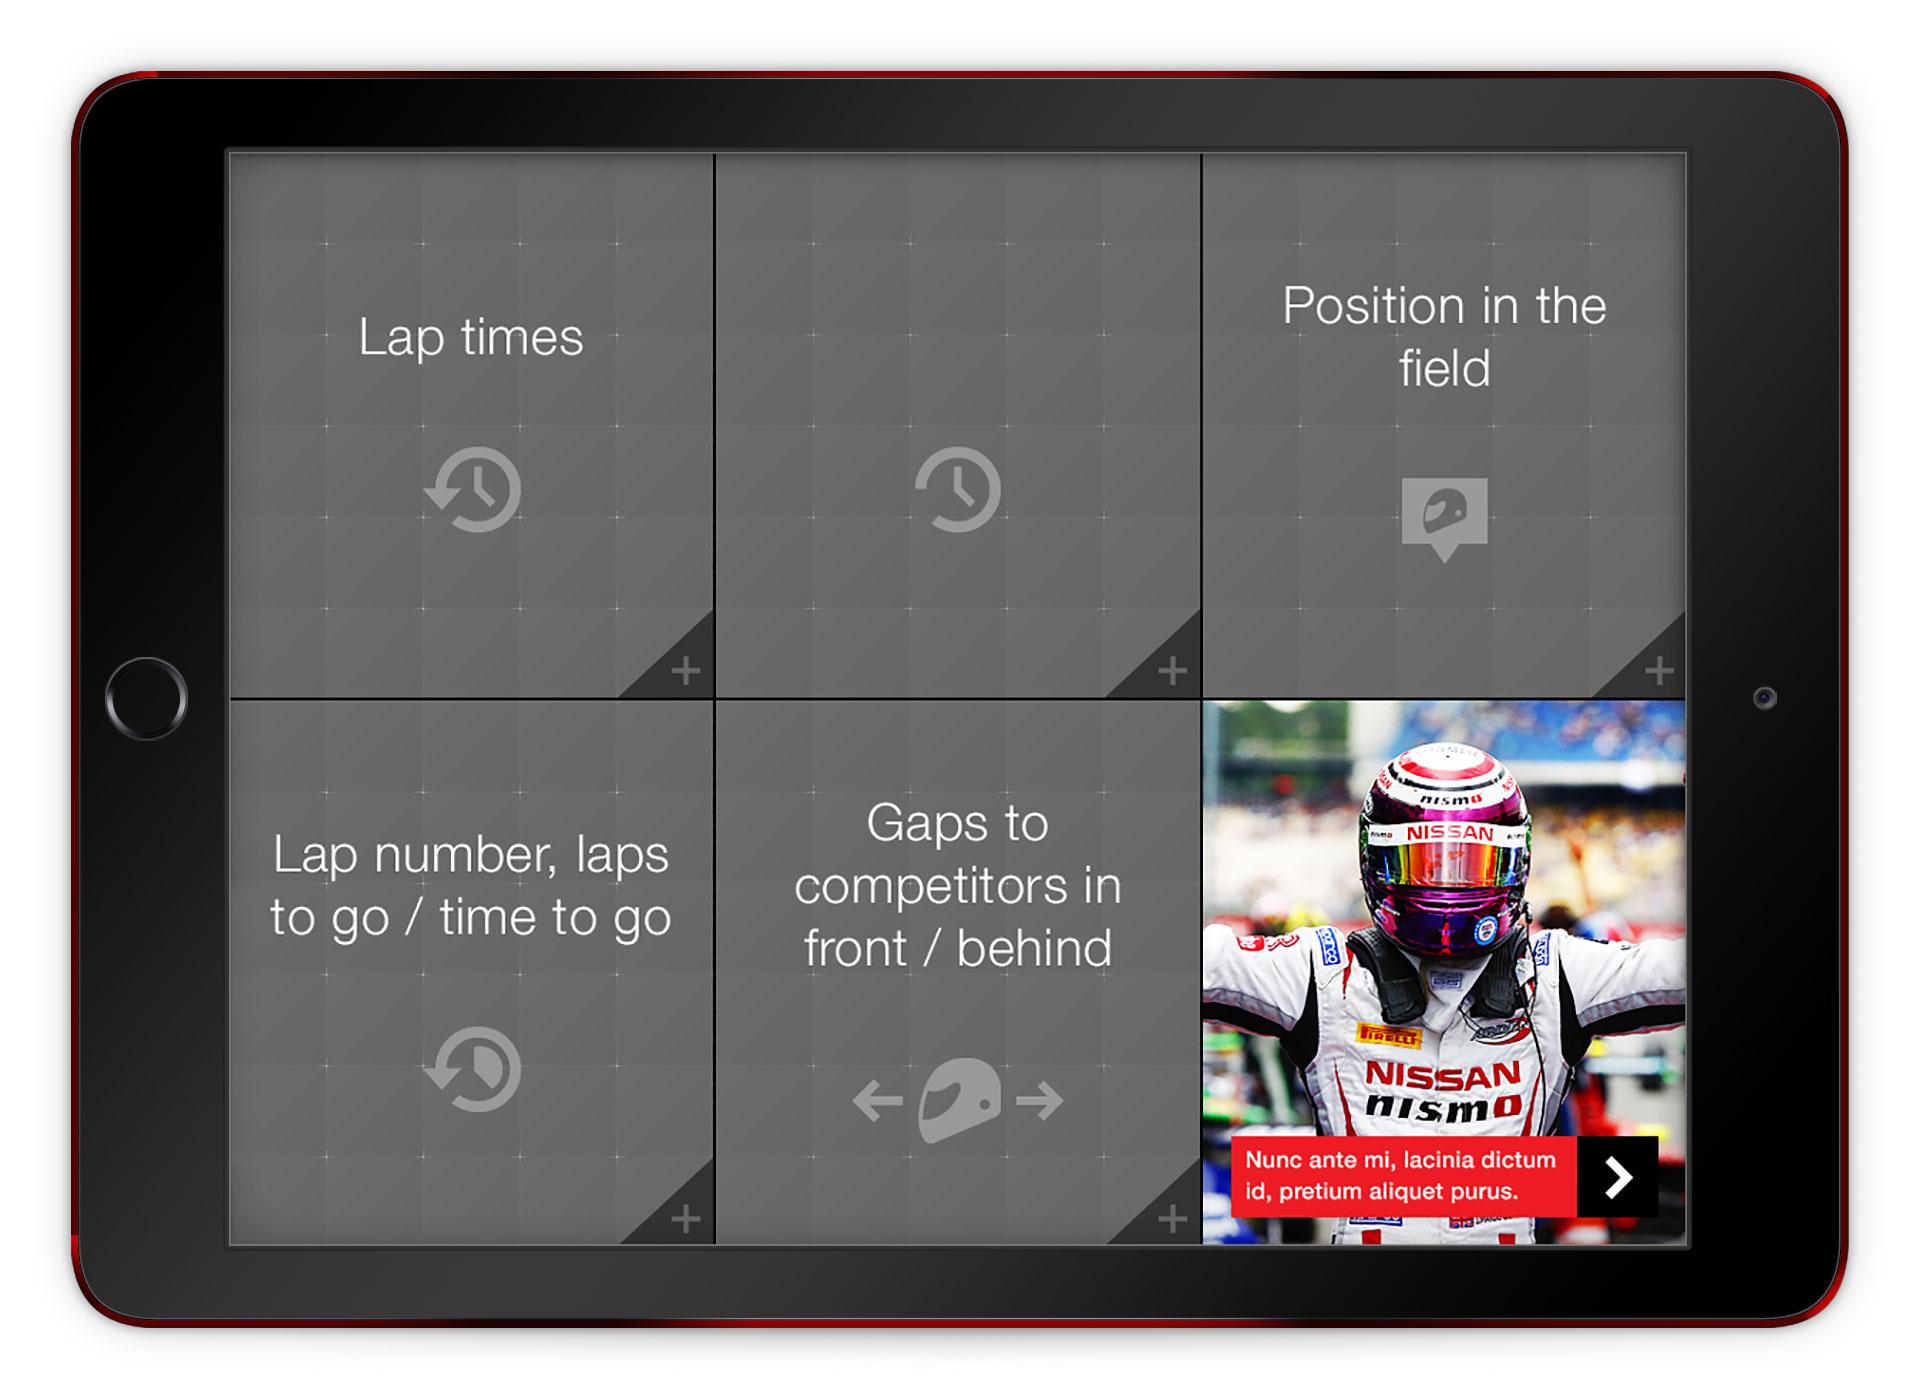 racelink menu